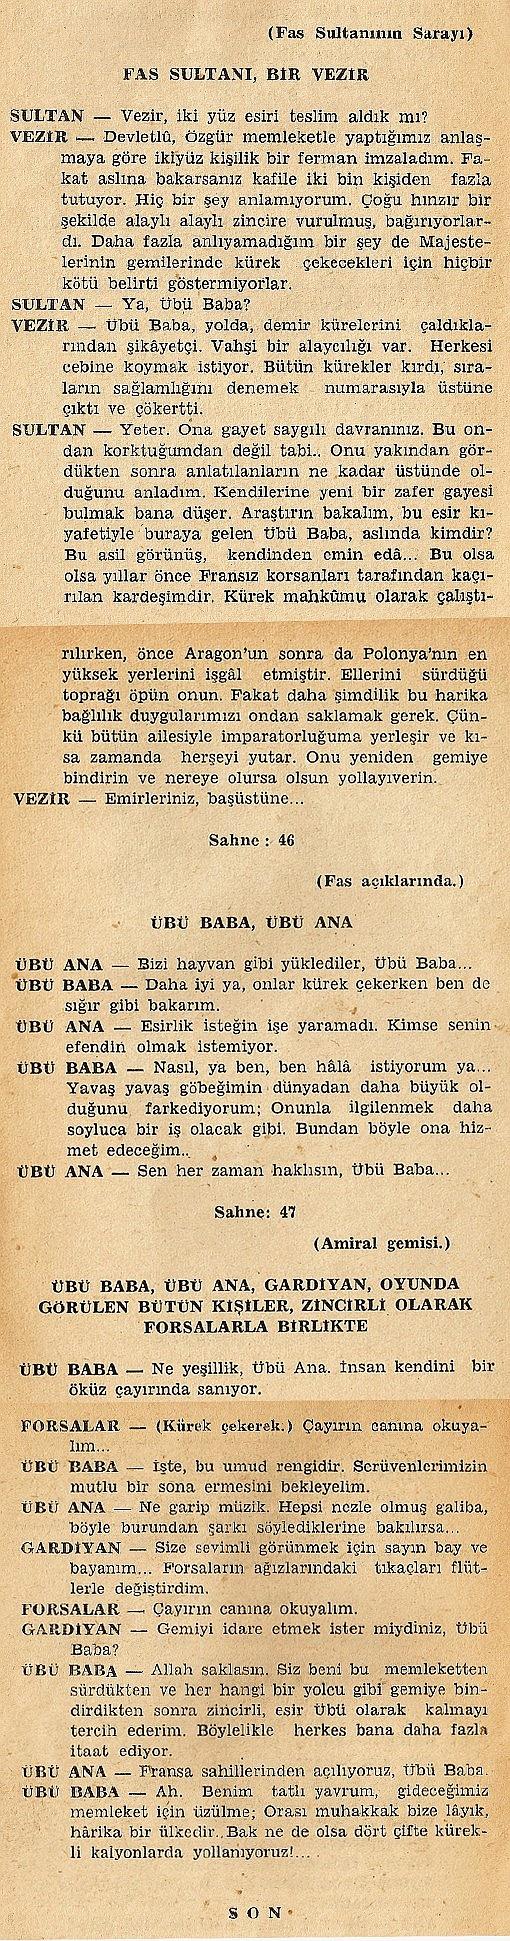 ububaba